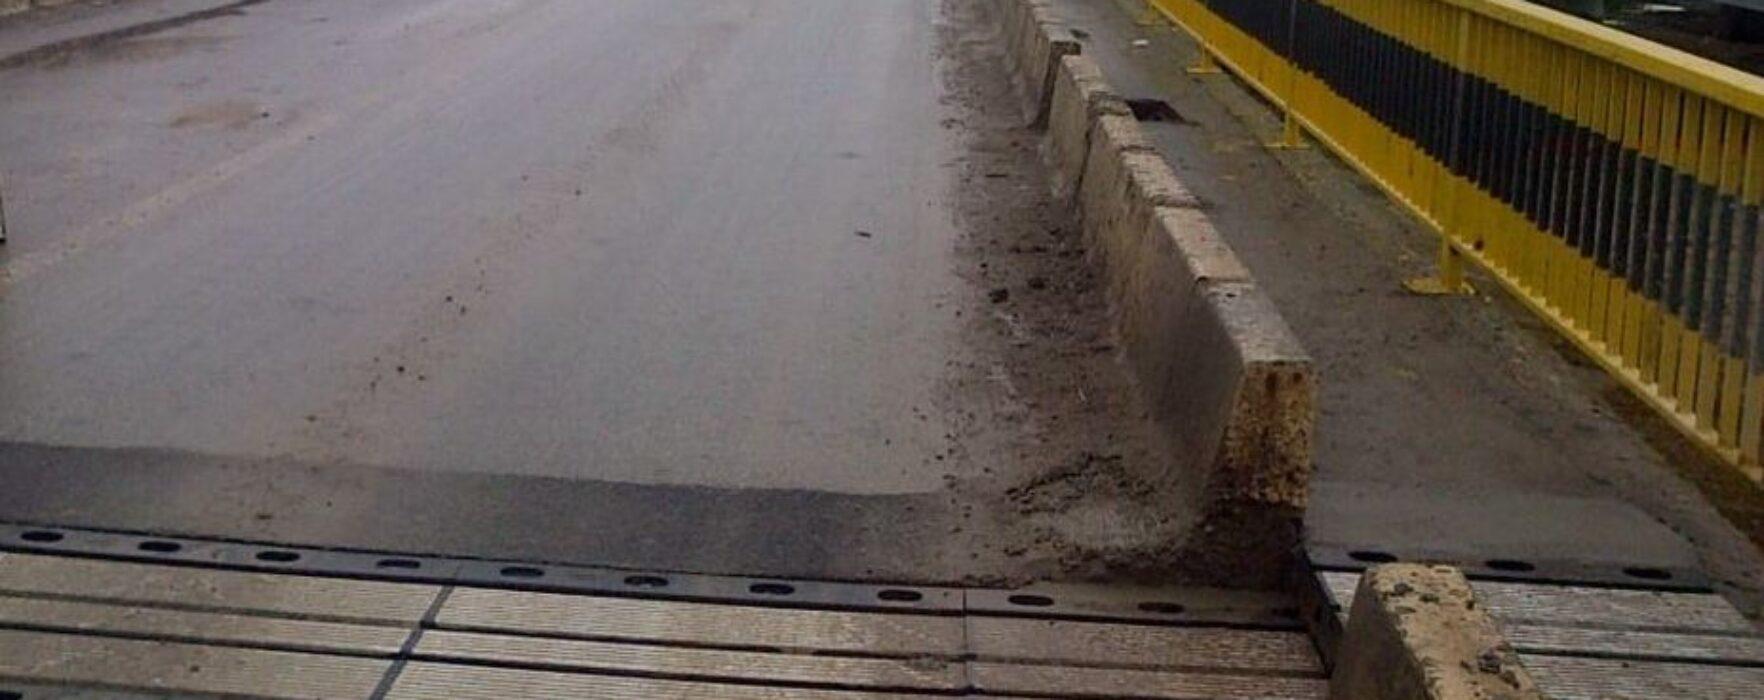 Podul peste Ialomiţa de la Pucioasa este avariat şi necesită reparaţii